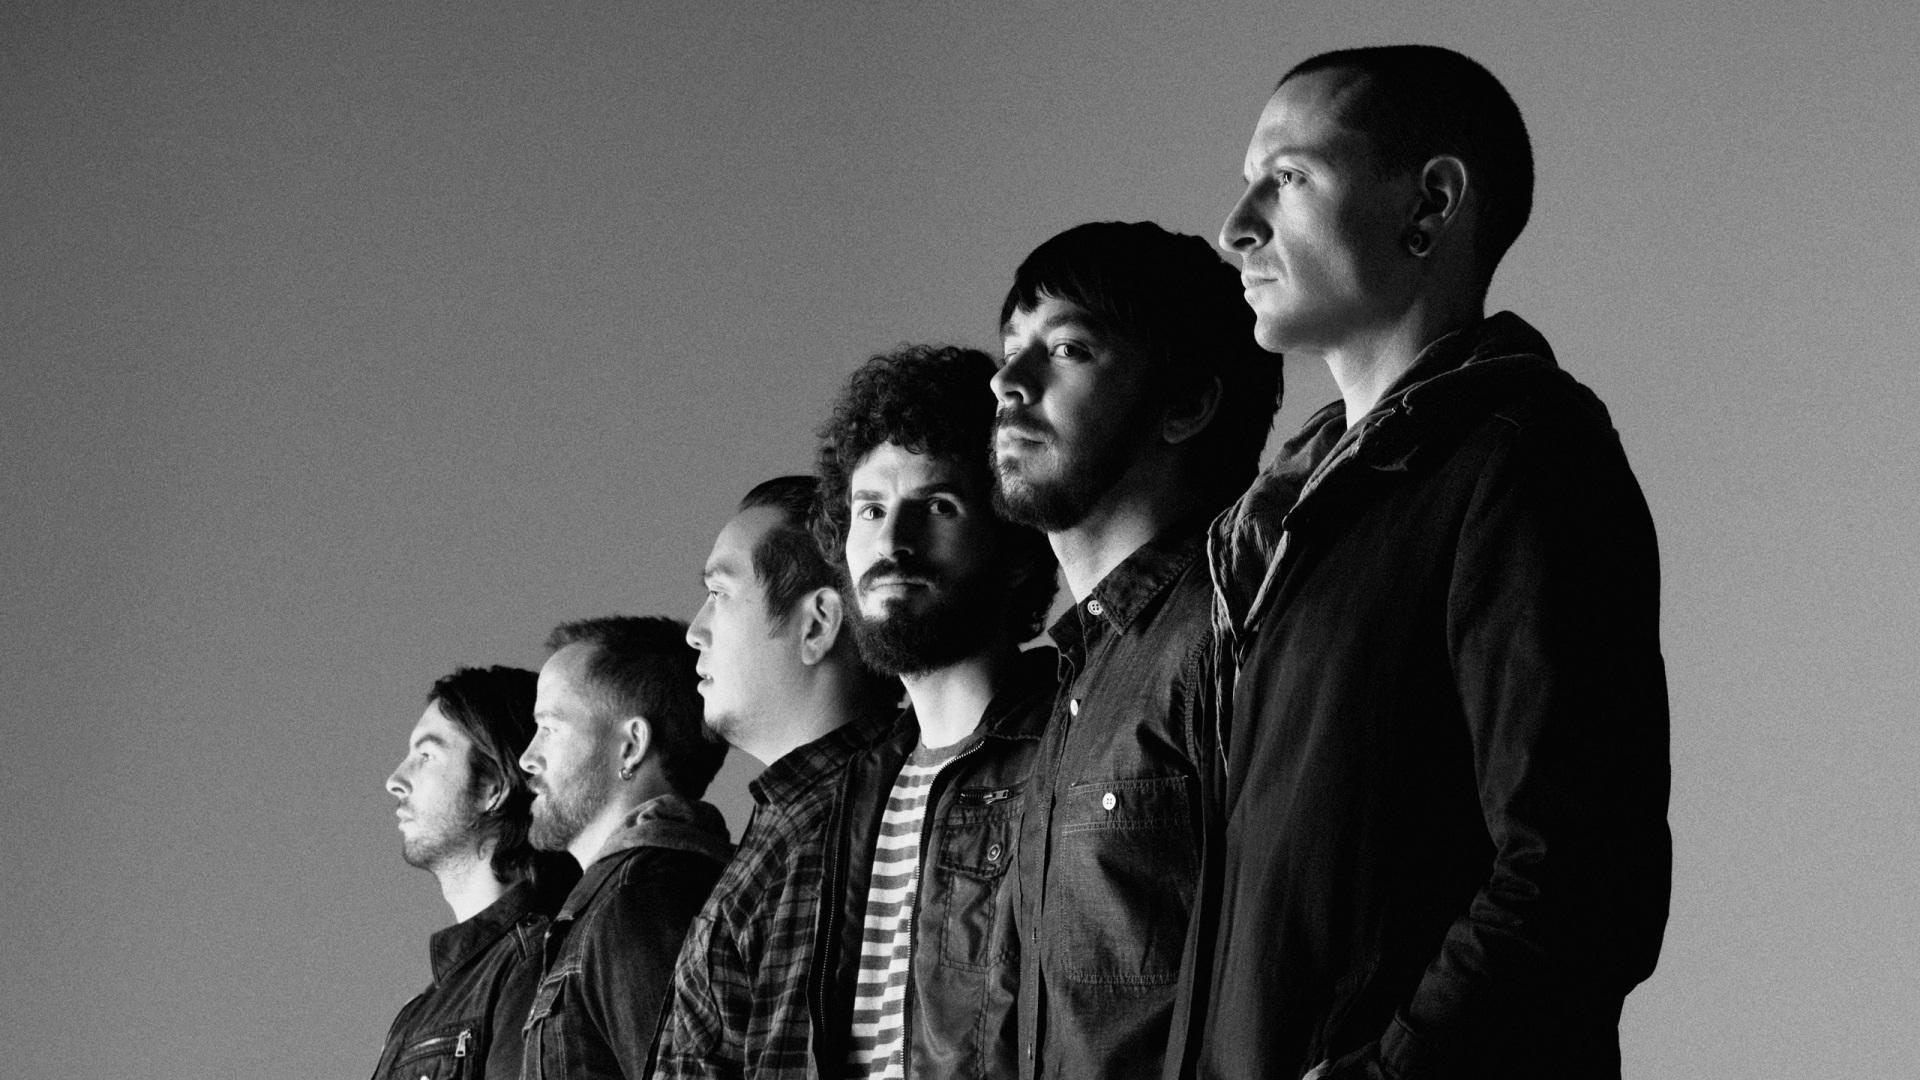 Linkin Park backdrop wallpaperLinkin Park 2013